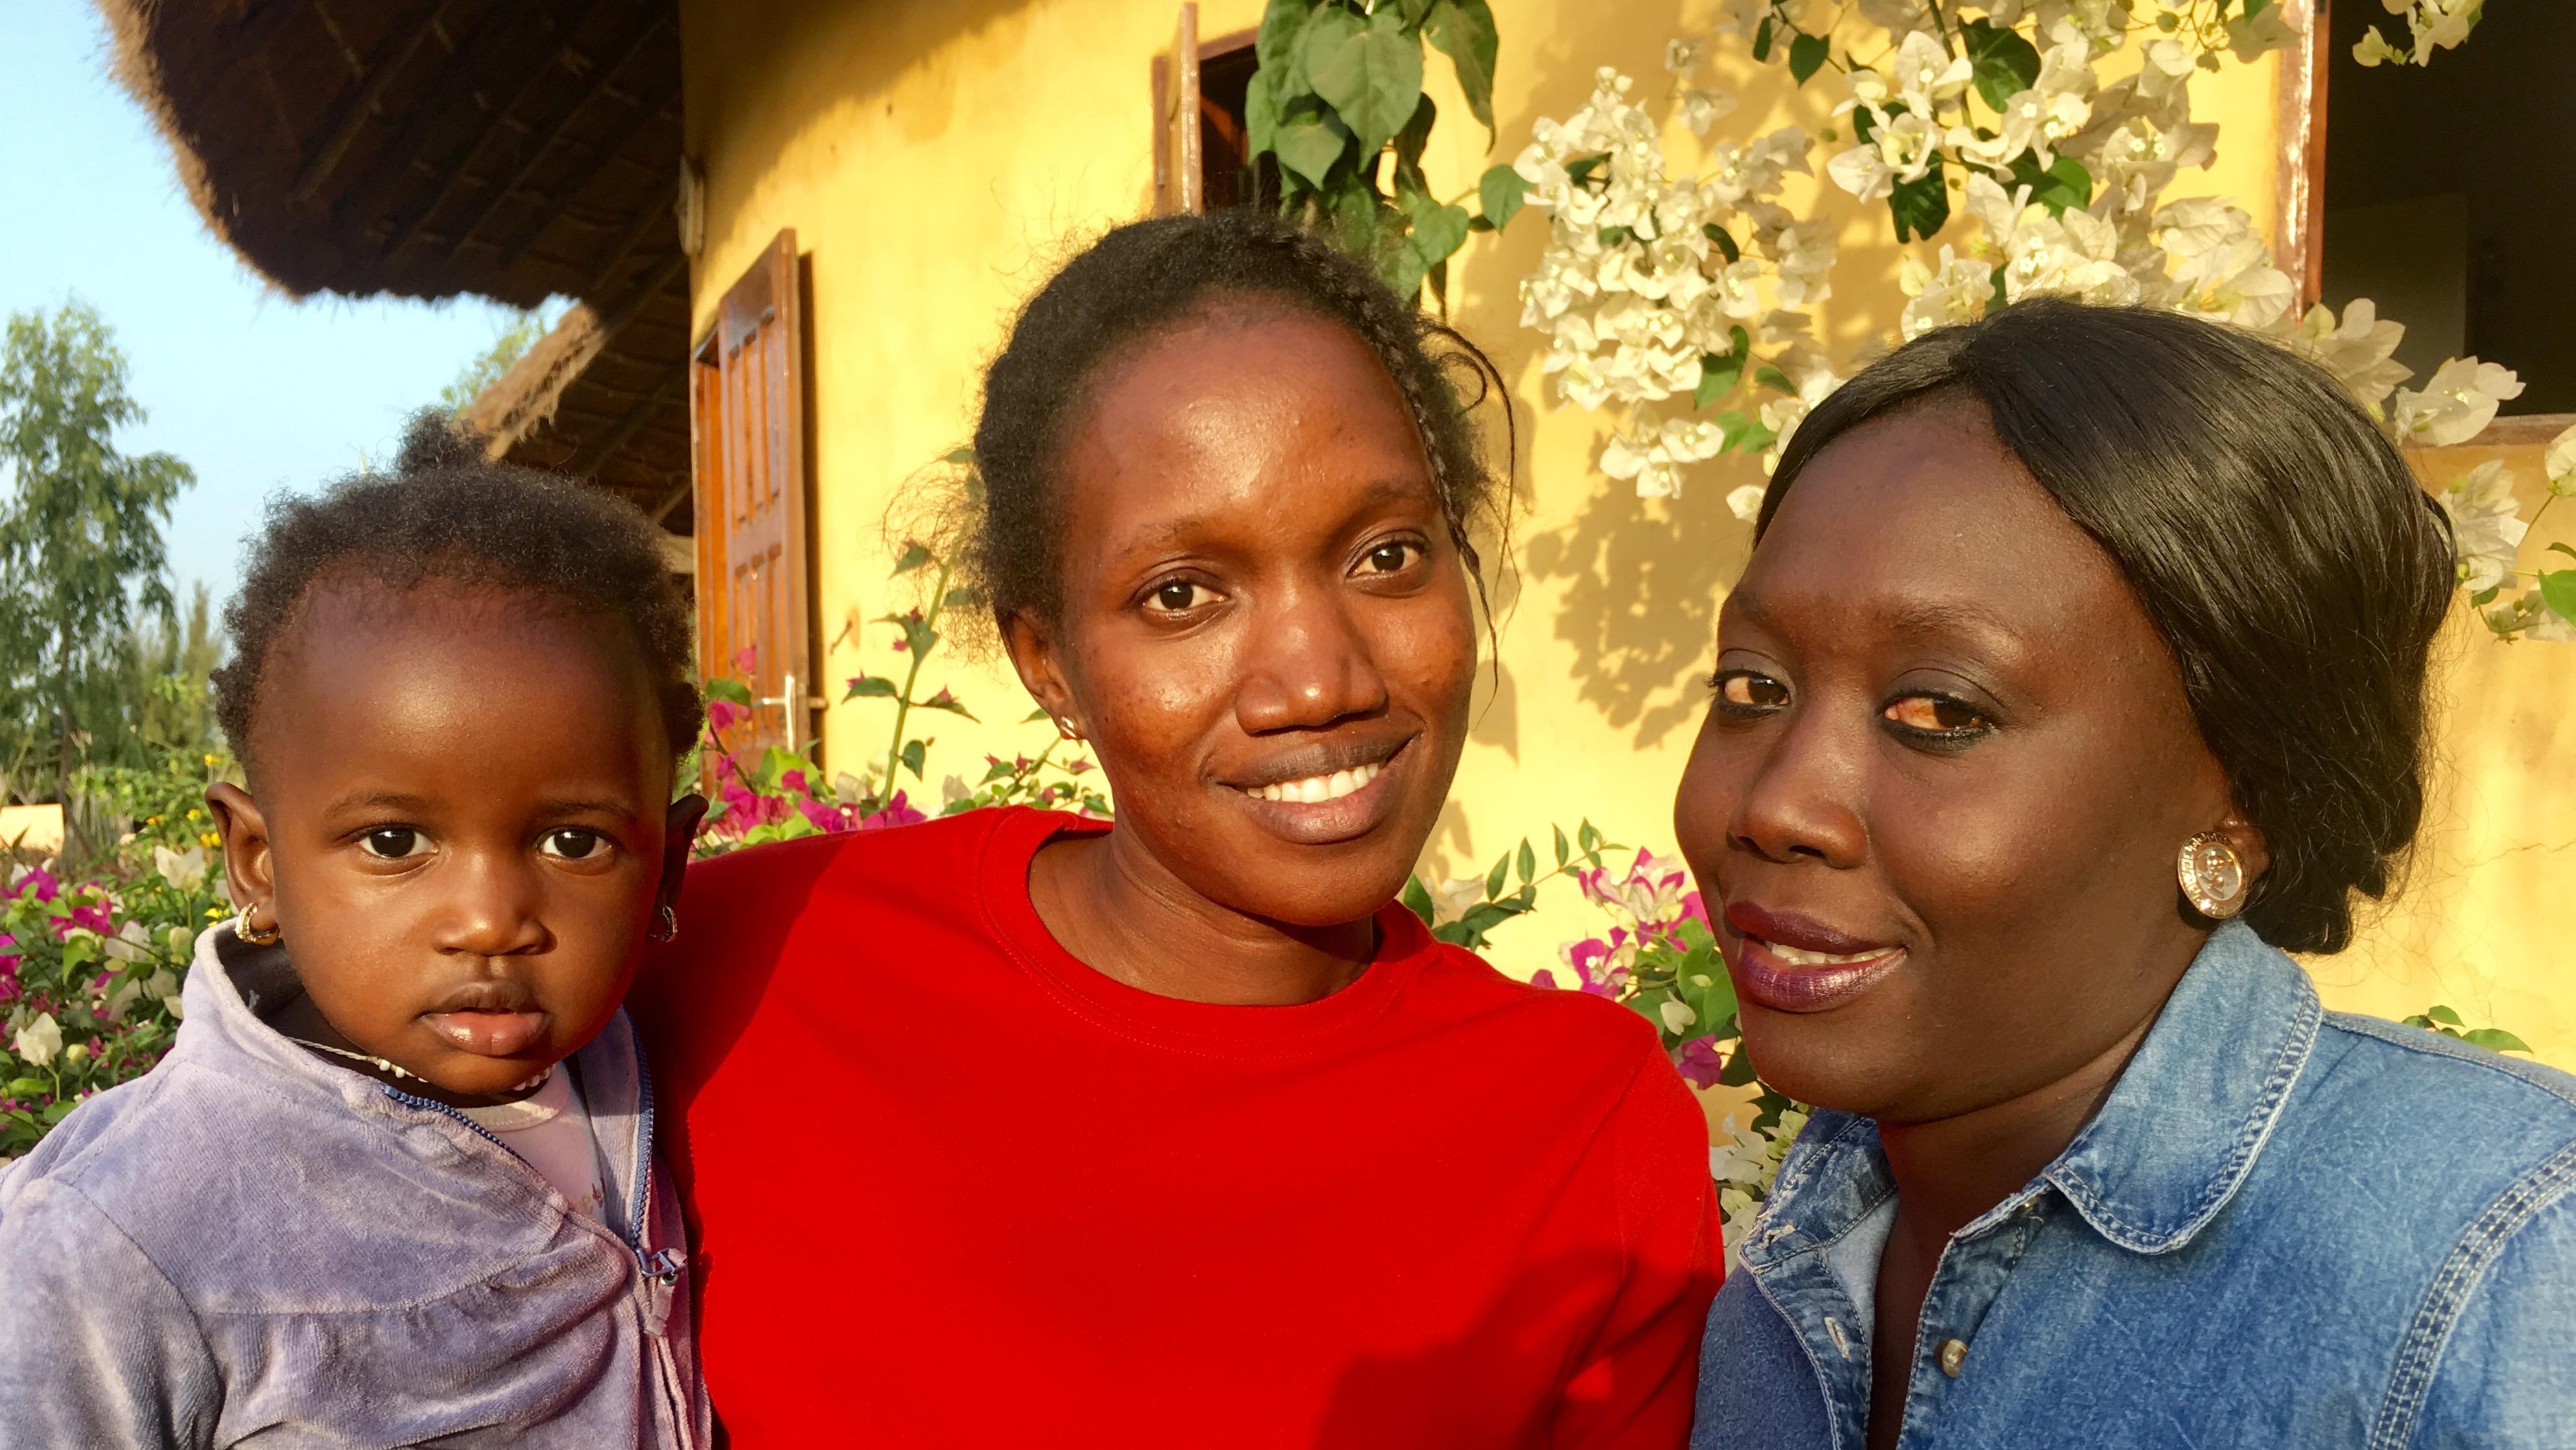 Seynabou, Astou & Marietou qui peut aider Seynabou lors de vos séjours